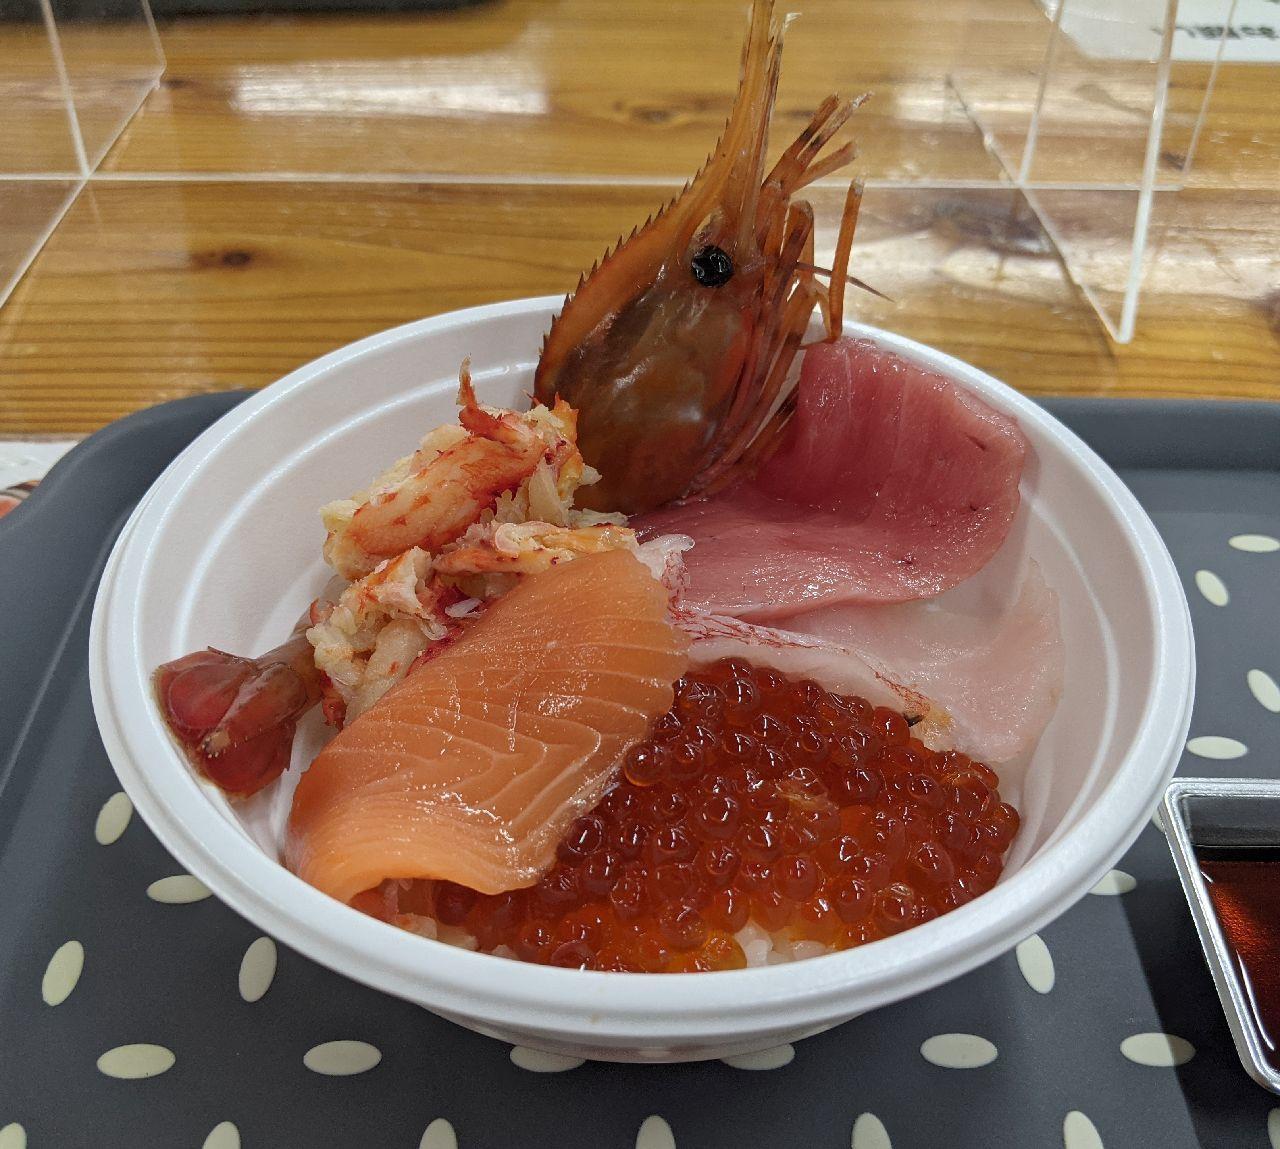 PXL_20210312_230459402勝手丼(いくら醤油漬け、花咲ガニ、ボタンエビ、本マグロ中トロ、キンキ、オーロラサーモン